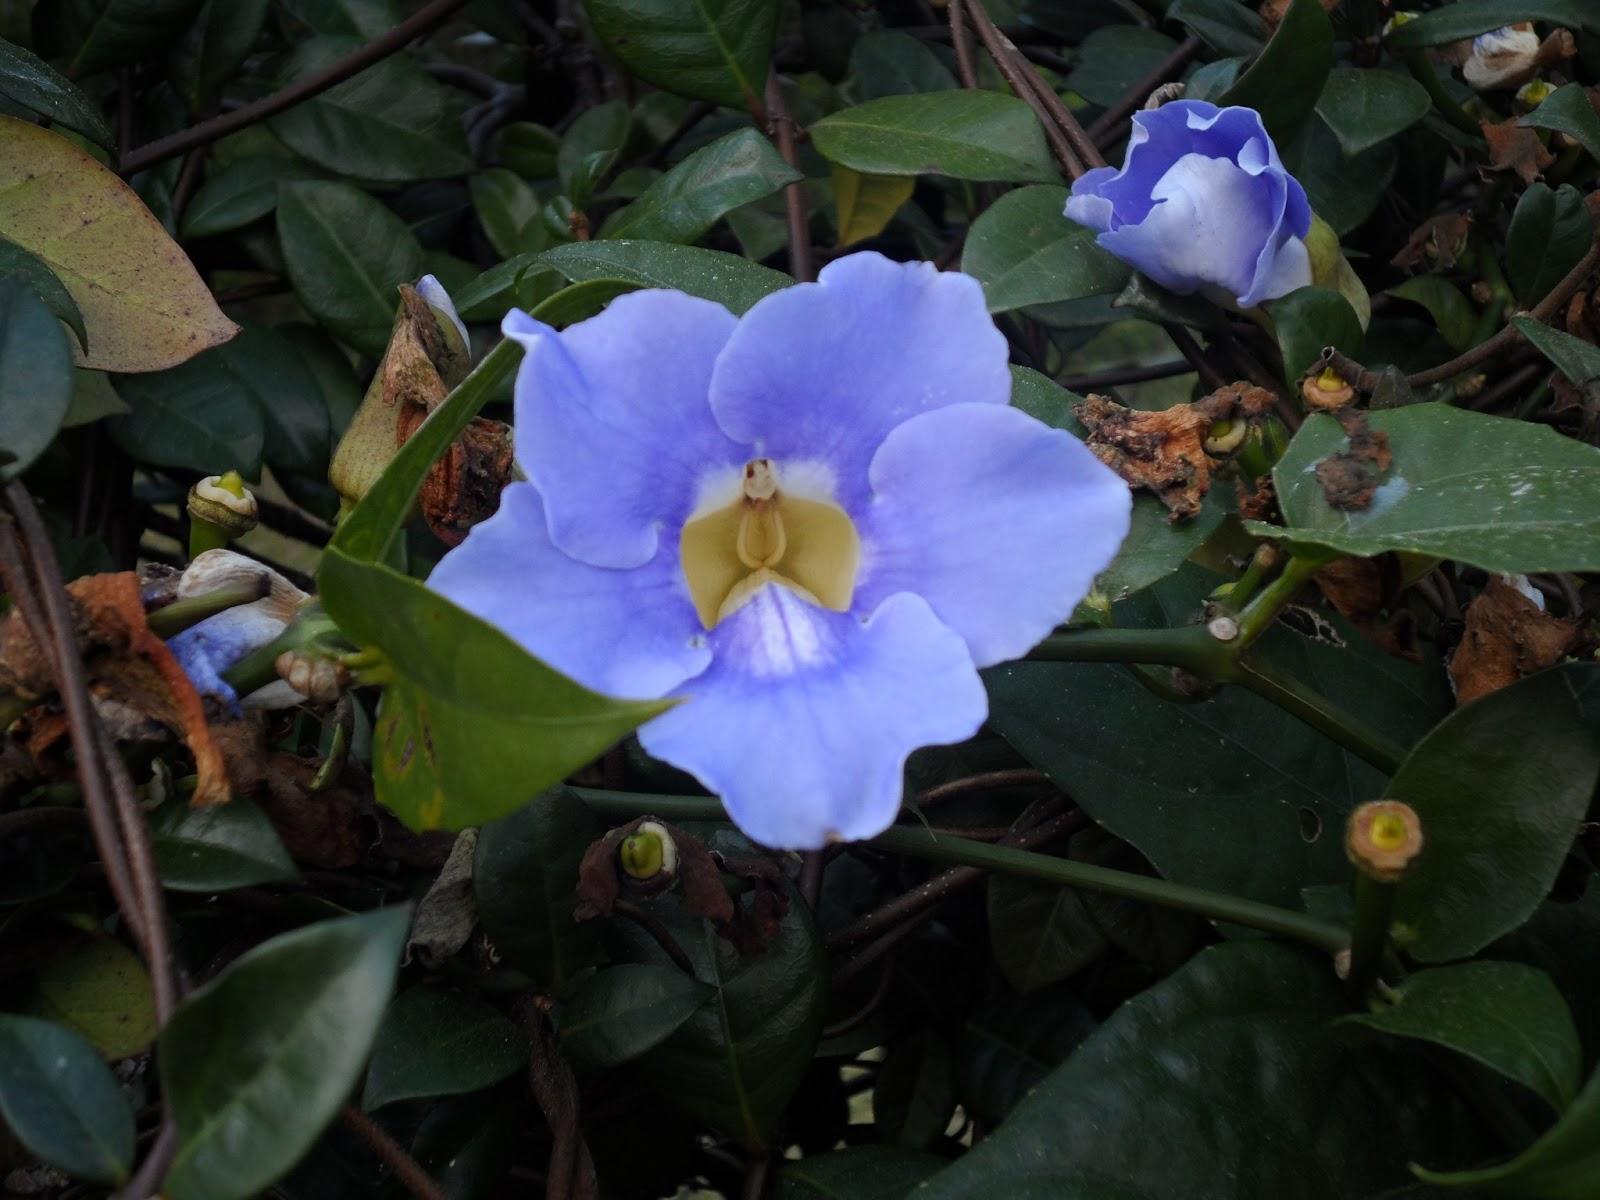 Bluepankakes